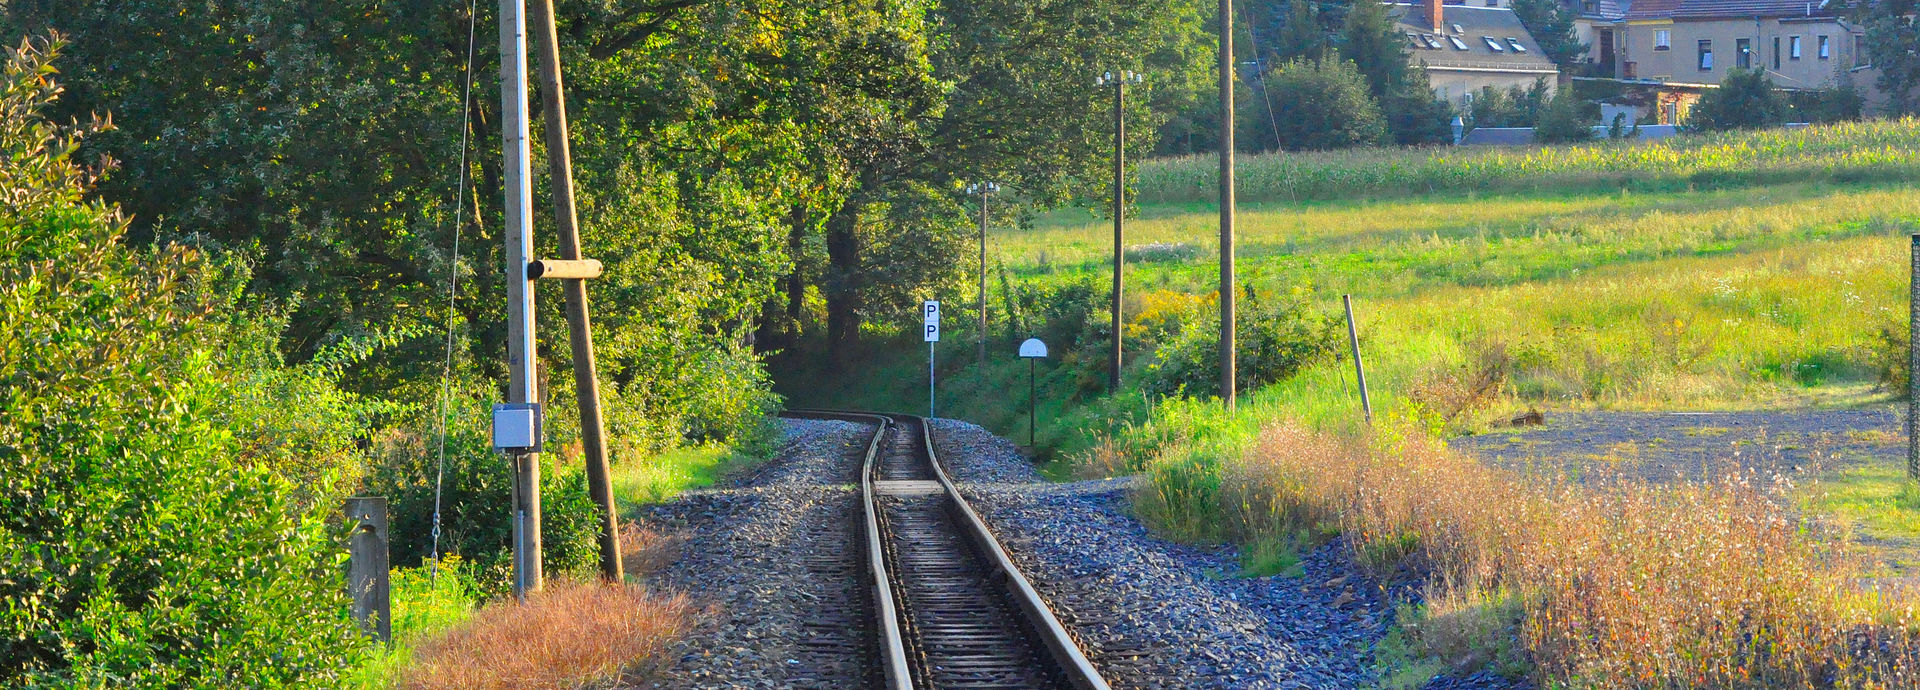 Bahnstrecke bei Friedewald Bad.  © Rotkopf Görg Verlagsgesellschaft mbH - A. Linz